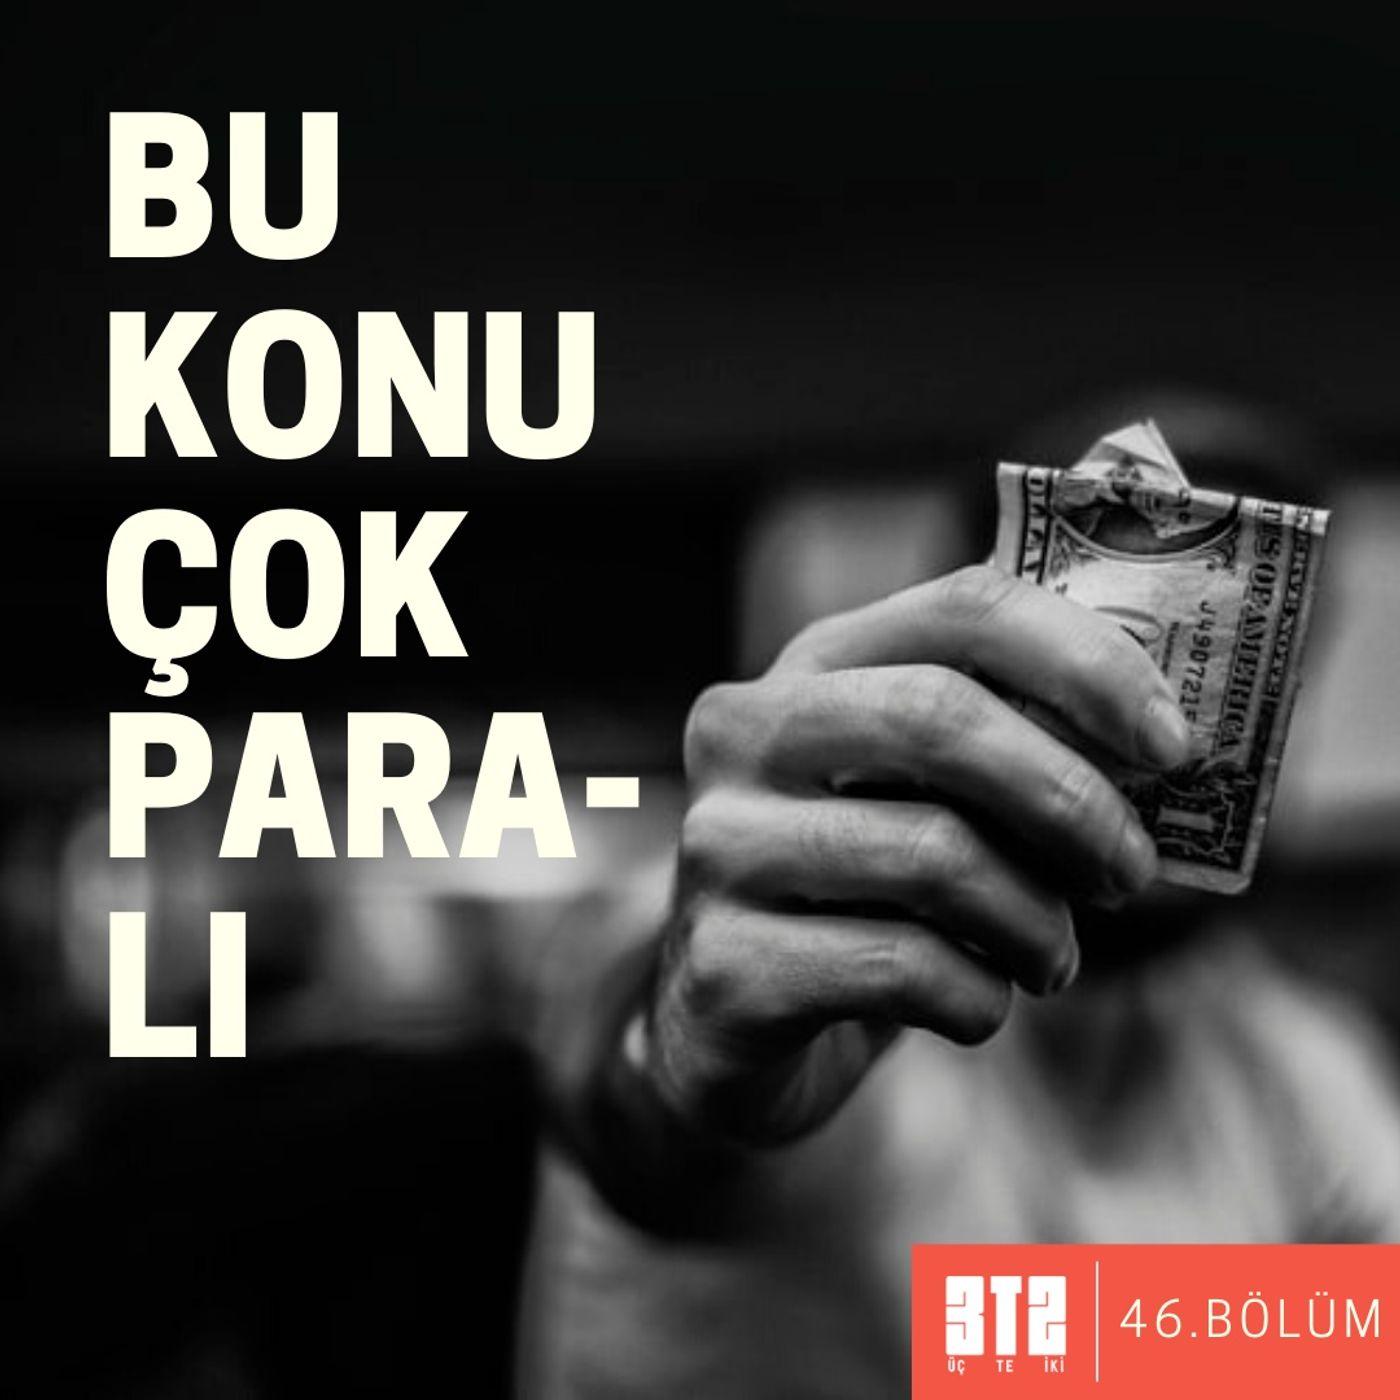 PANDEMİK.06 - Bu Konu Çok Paralı